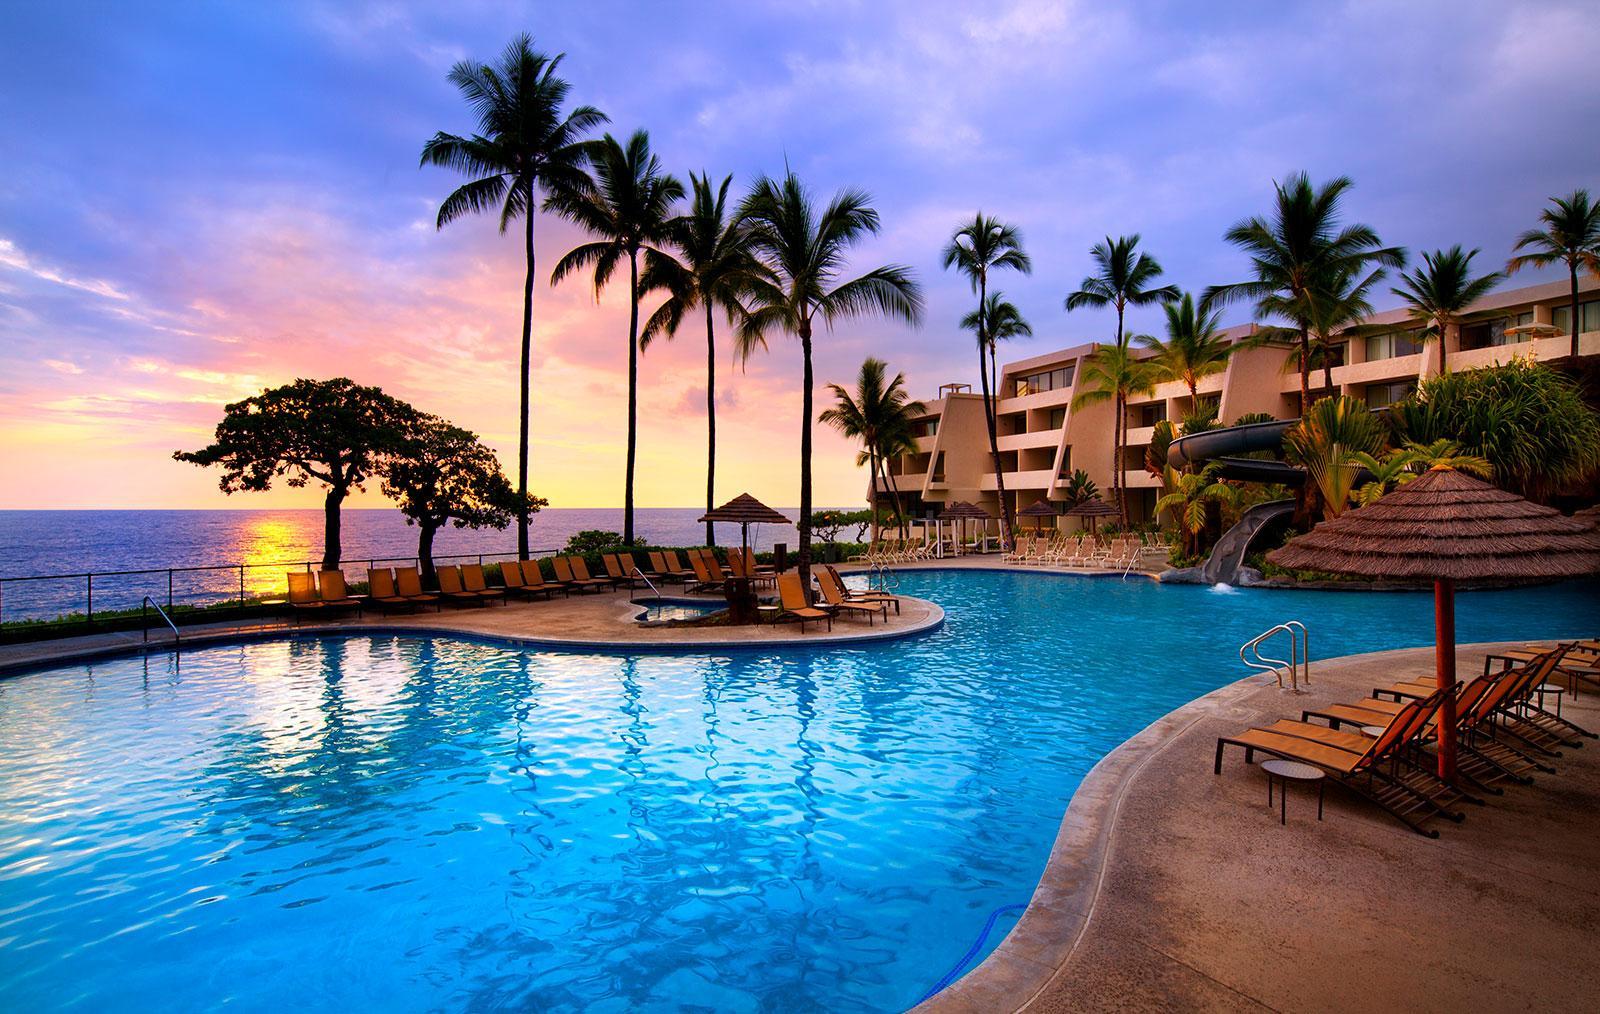 cheap hawaii accommodation deals